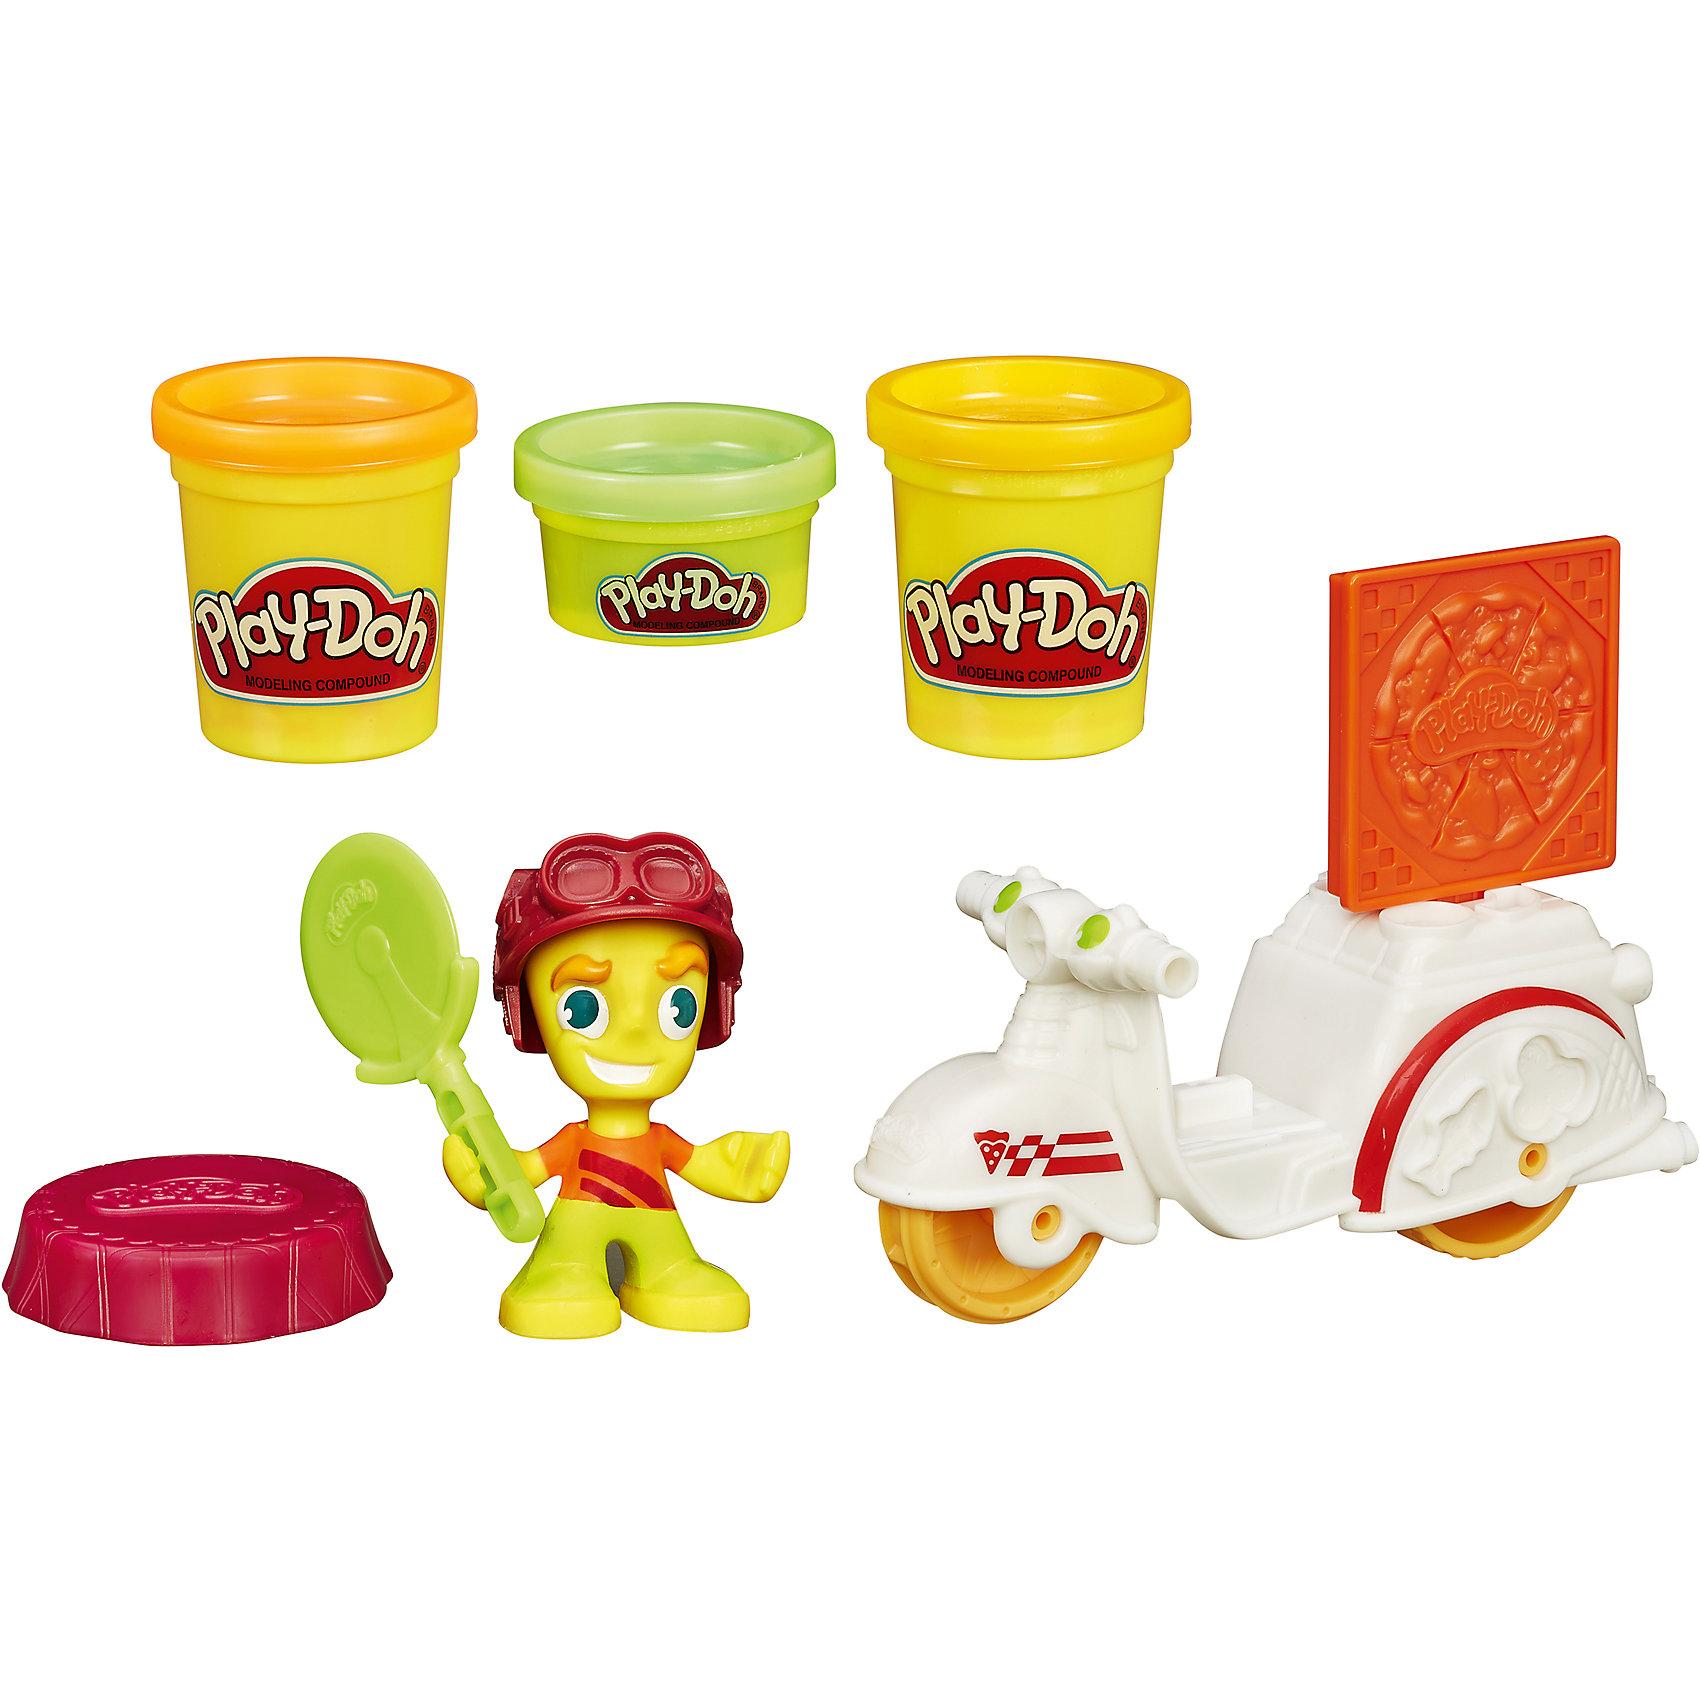 Hasbro Игровой набор Транспортные средства, Play-Doh Город, B5959/B5976 наборы для лепки play doh игровой набор сумасшедшие прически